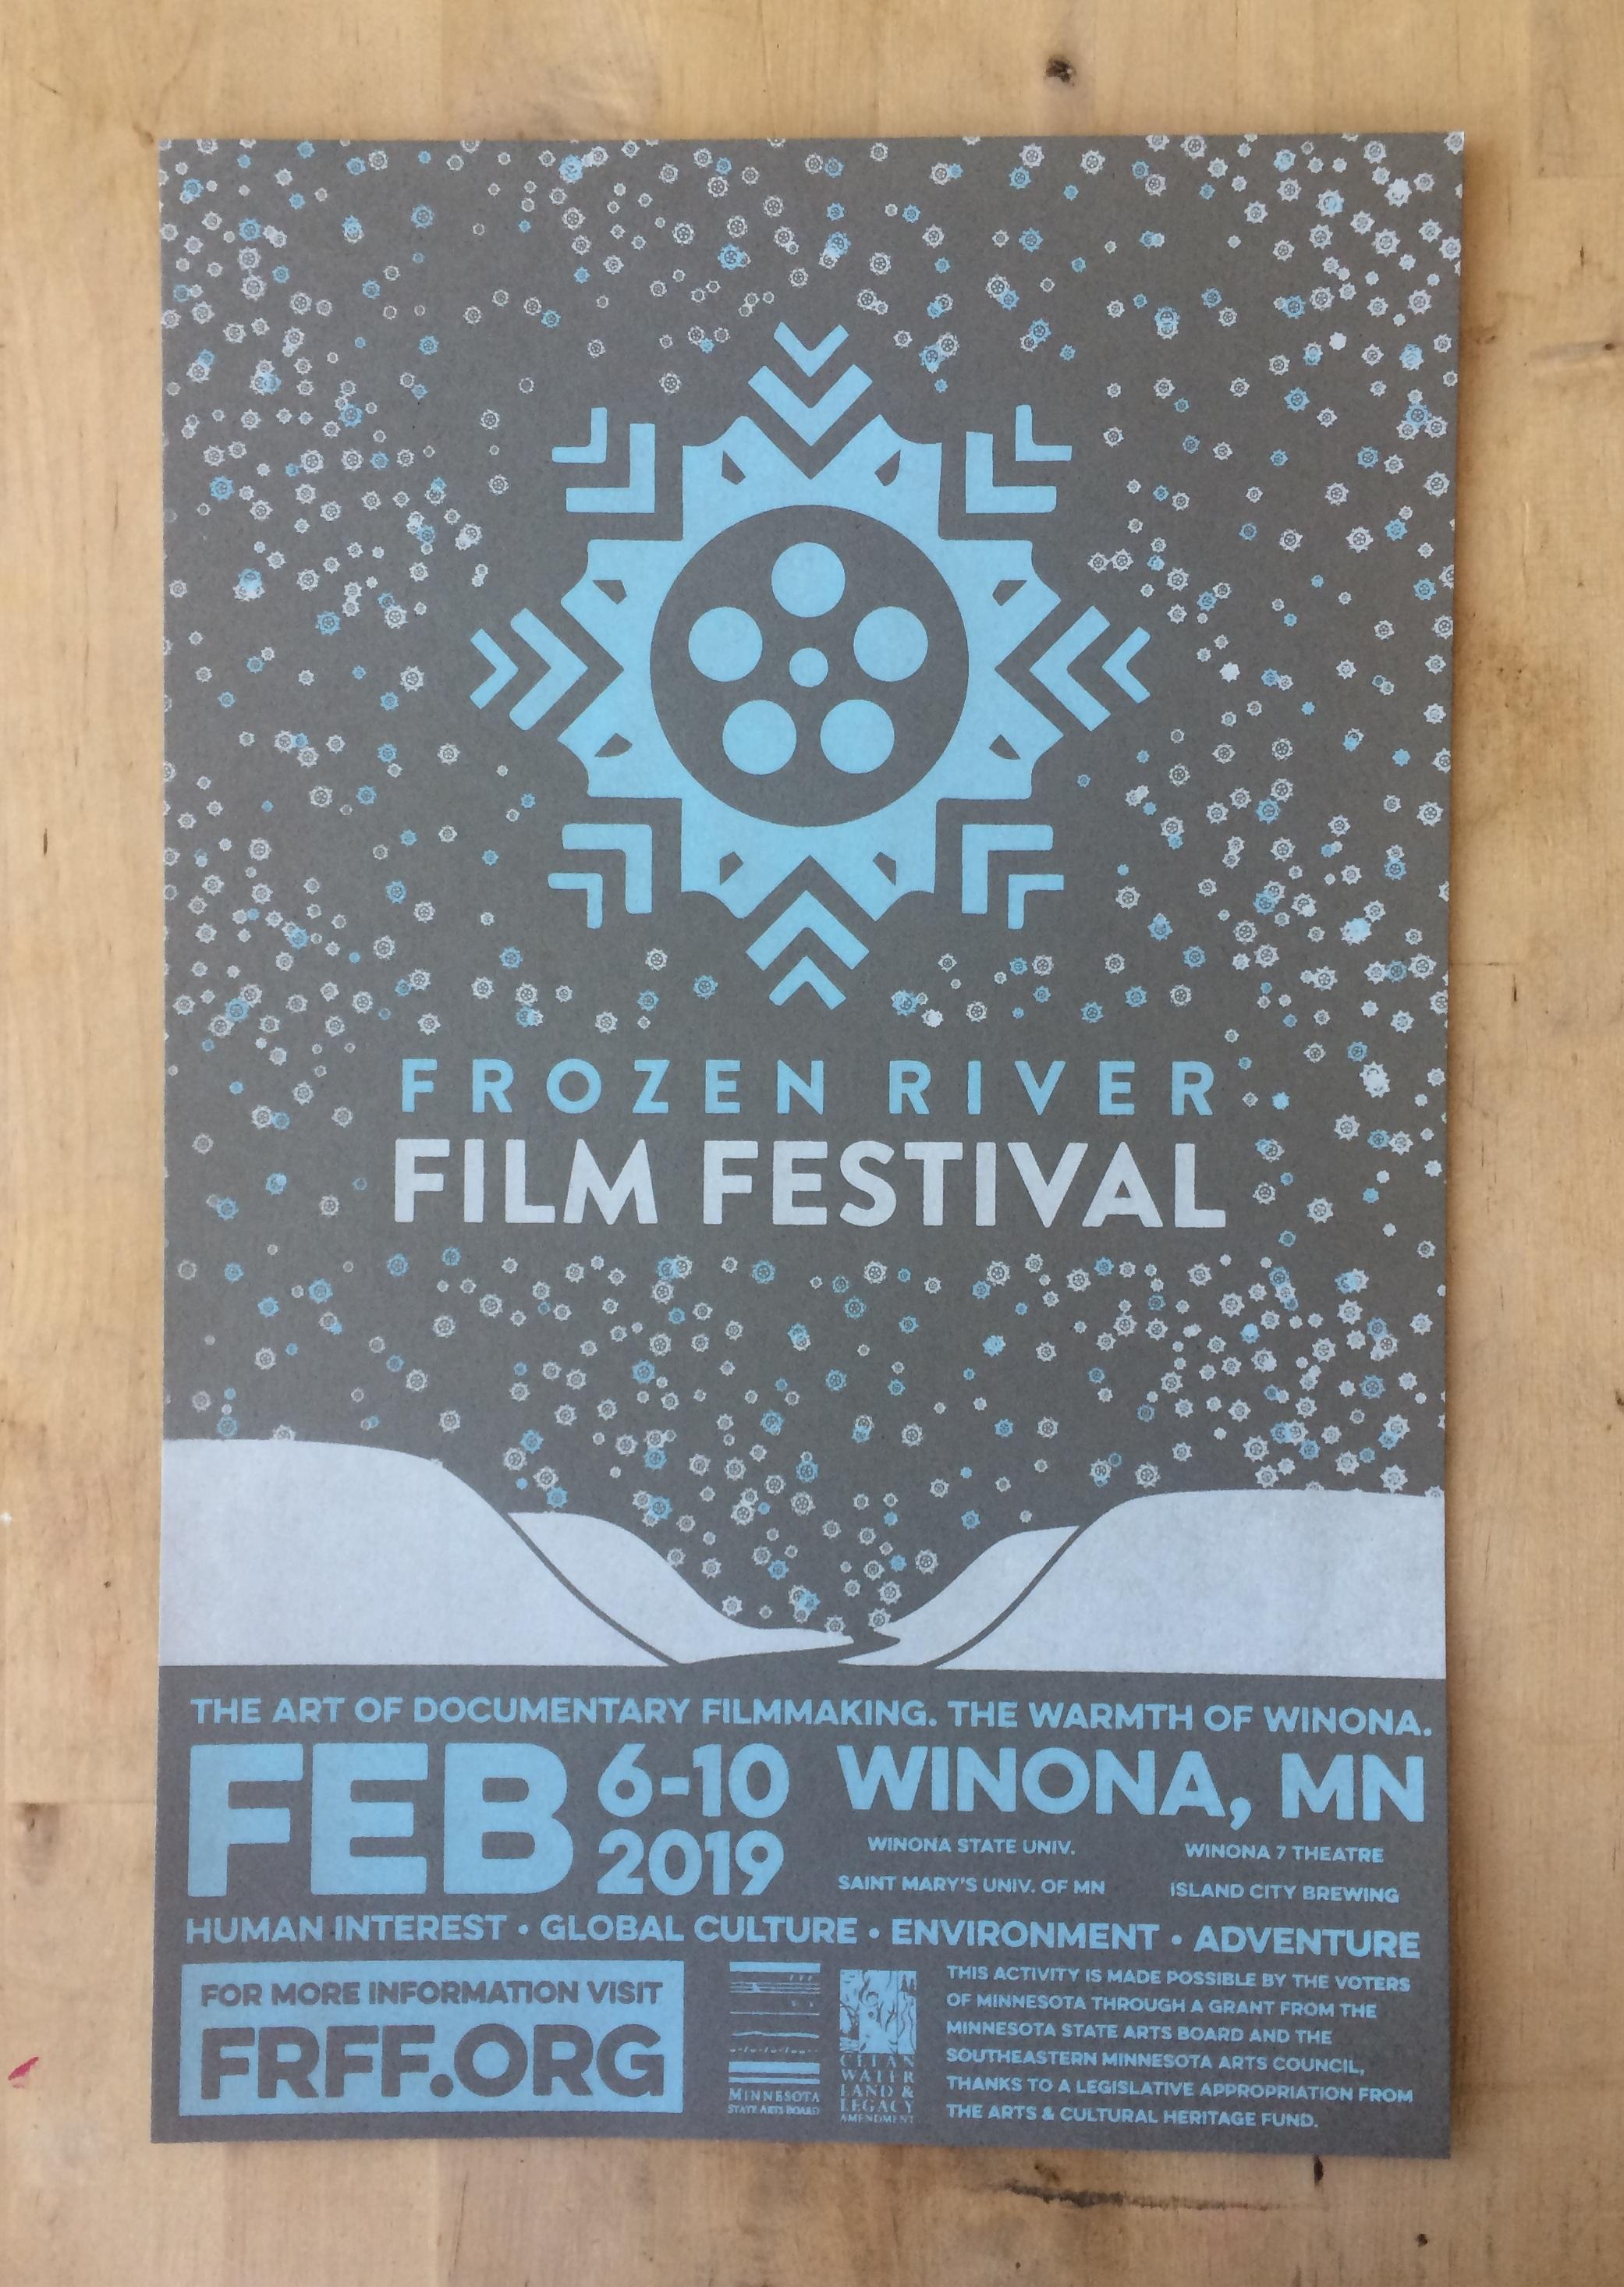 2019 Frozen River Film Festival Poster